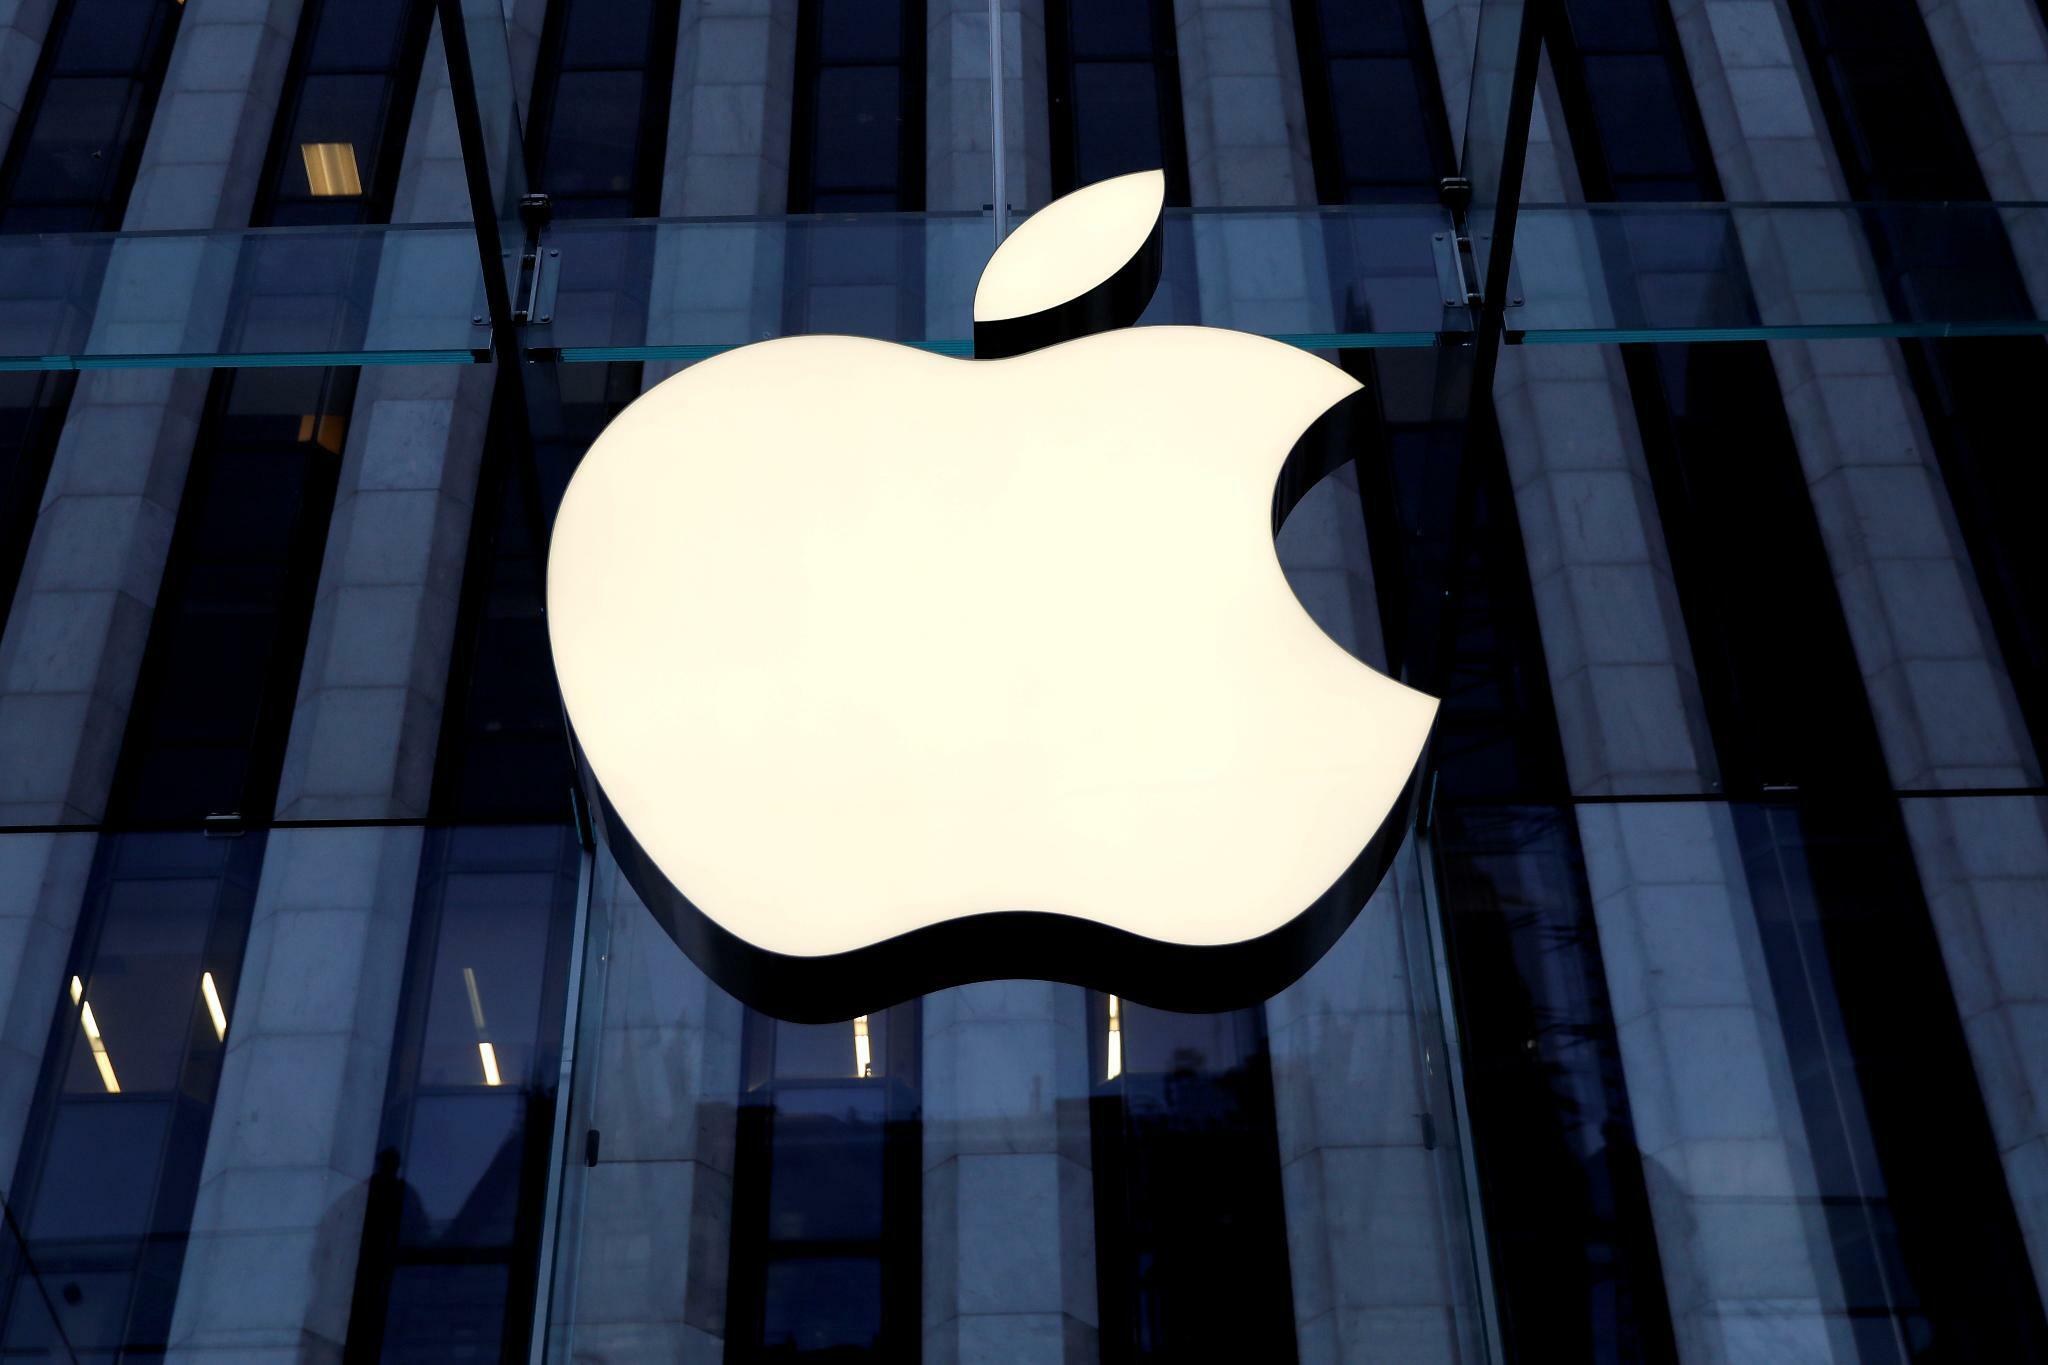 Neue Technologie: Apple will Internetdaten per Satellit direkt auf Geräte übertragen